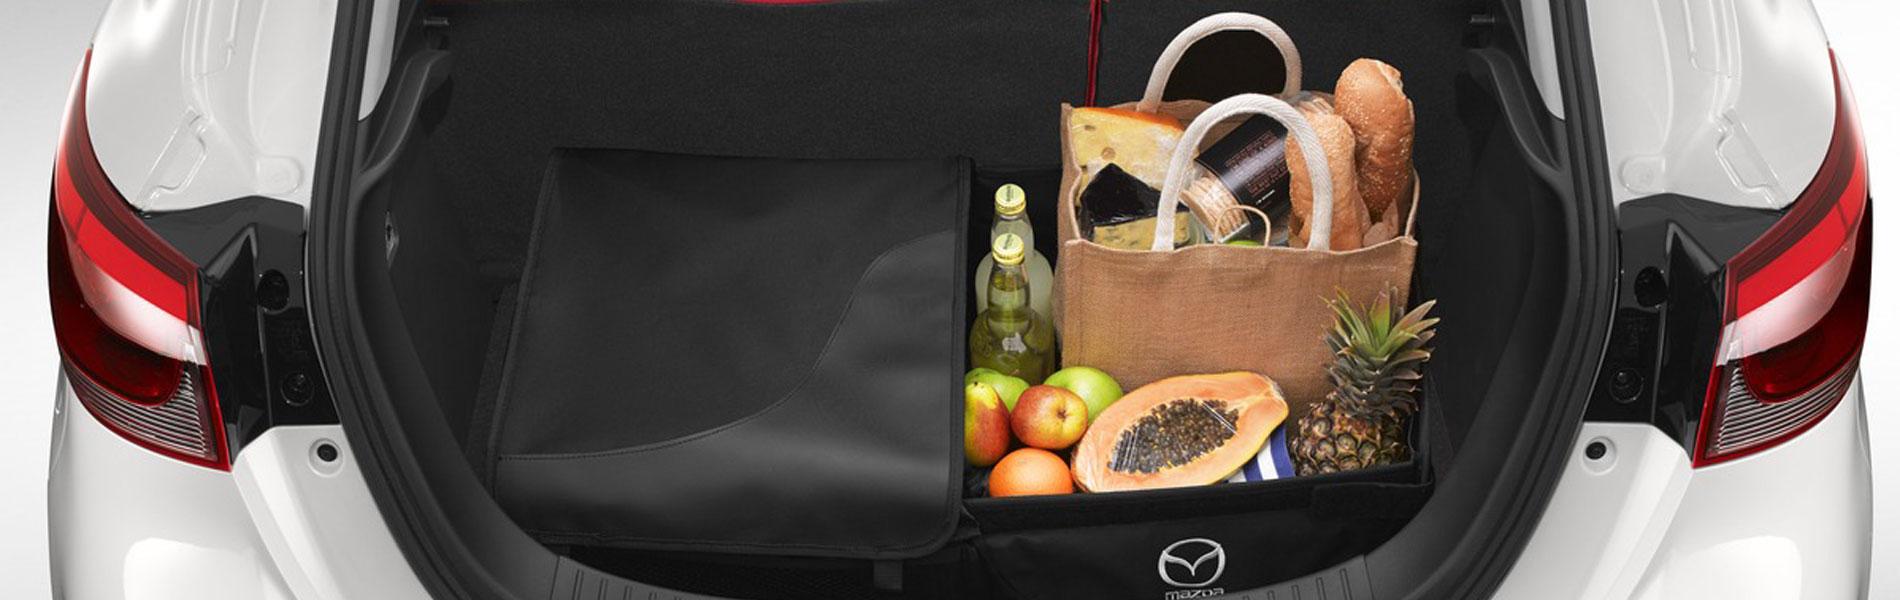 Mazda Mazda2 Image 0